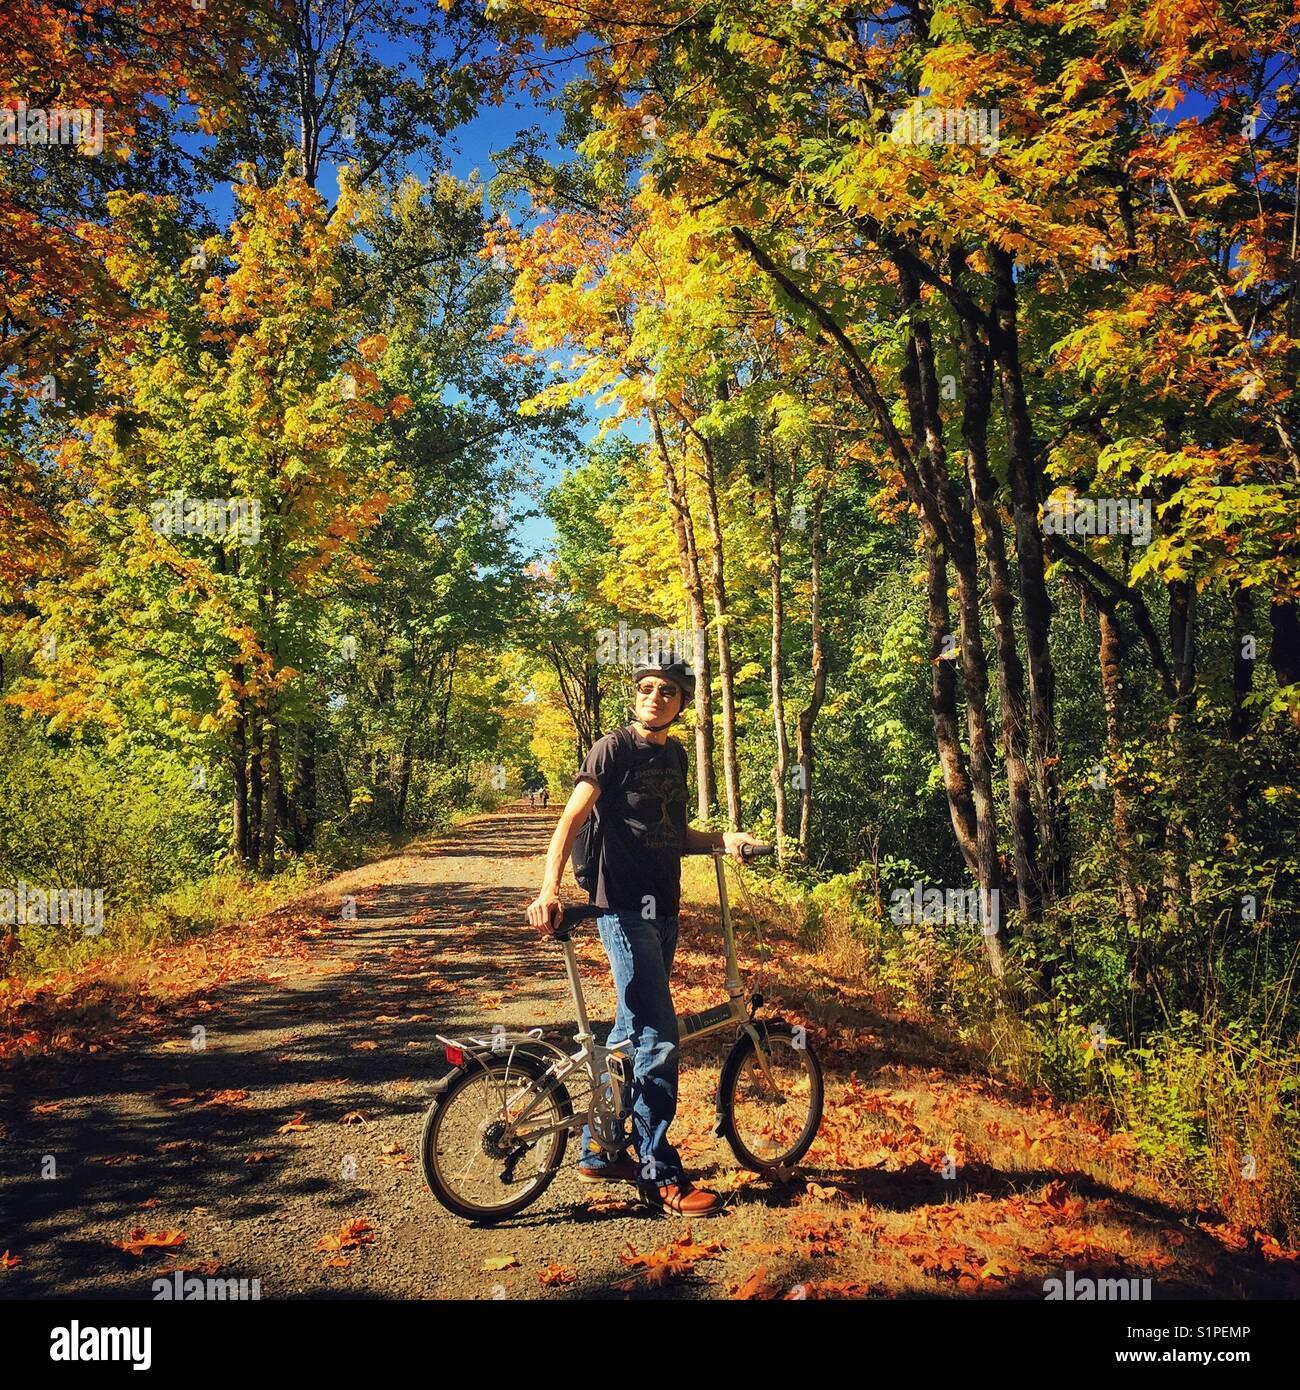 Mann hält auf einem Radweg an einem sonnigen Tag durch Falllaub an einem sonnigen Tag umgeben zu Rest Stockbild